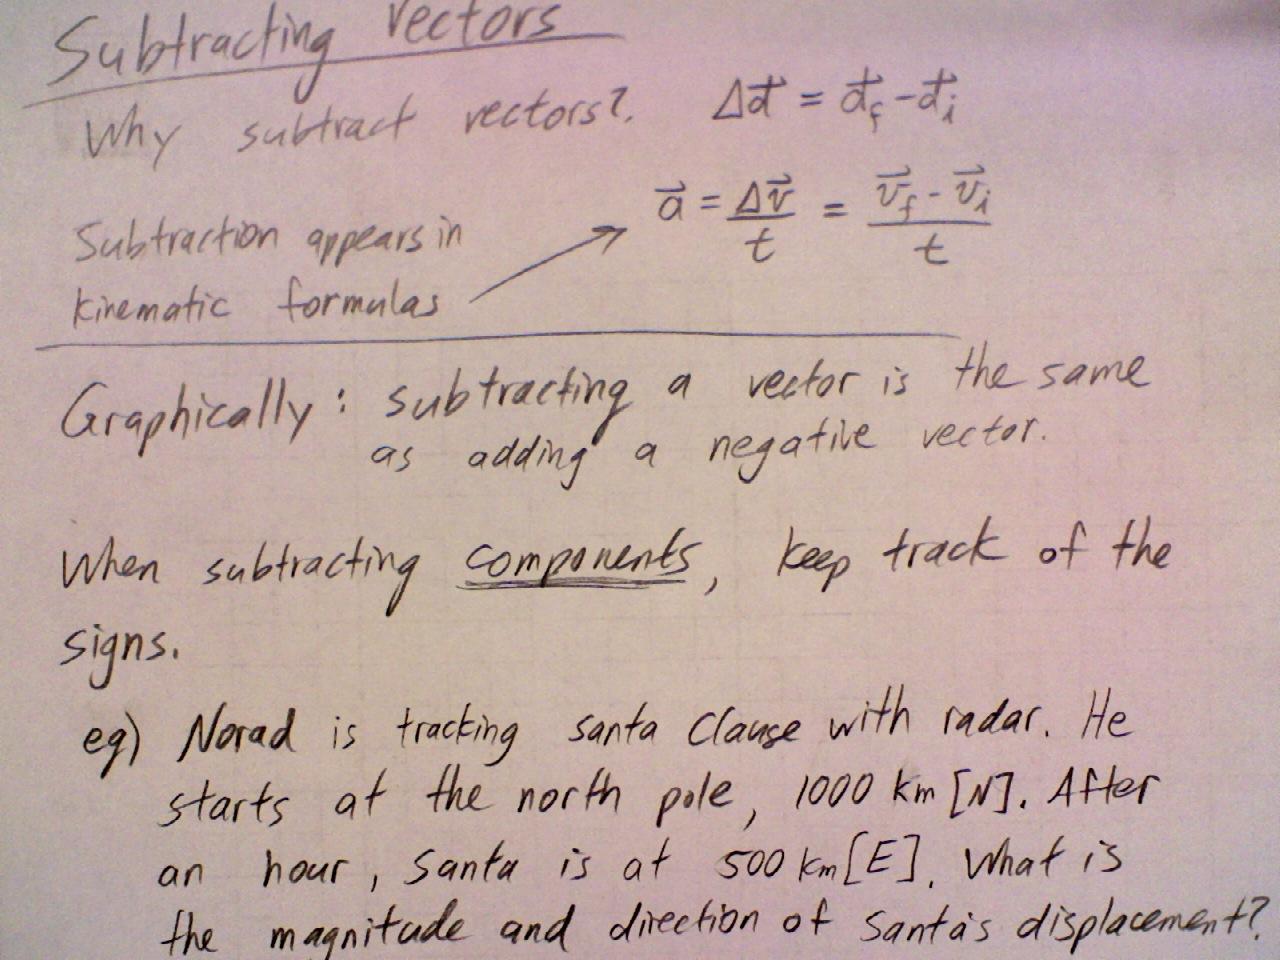 Apr 3 Class Subtracting Vectors